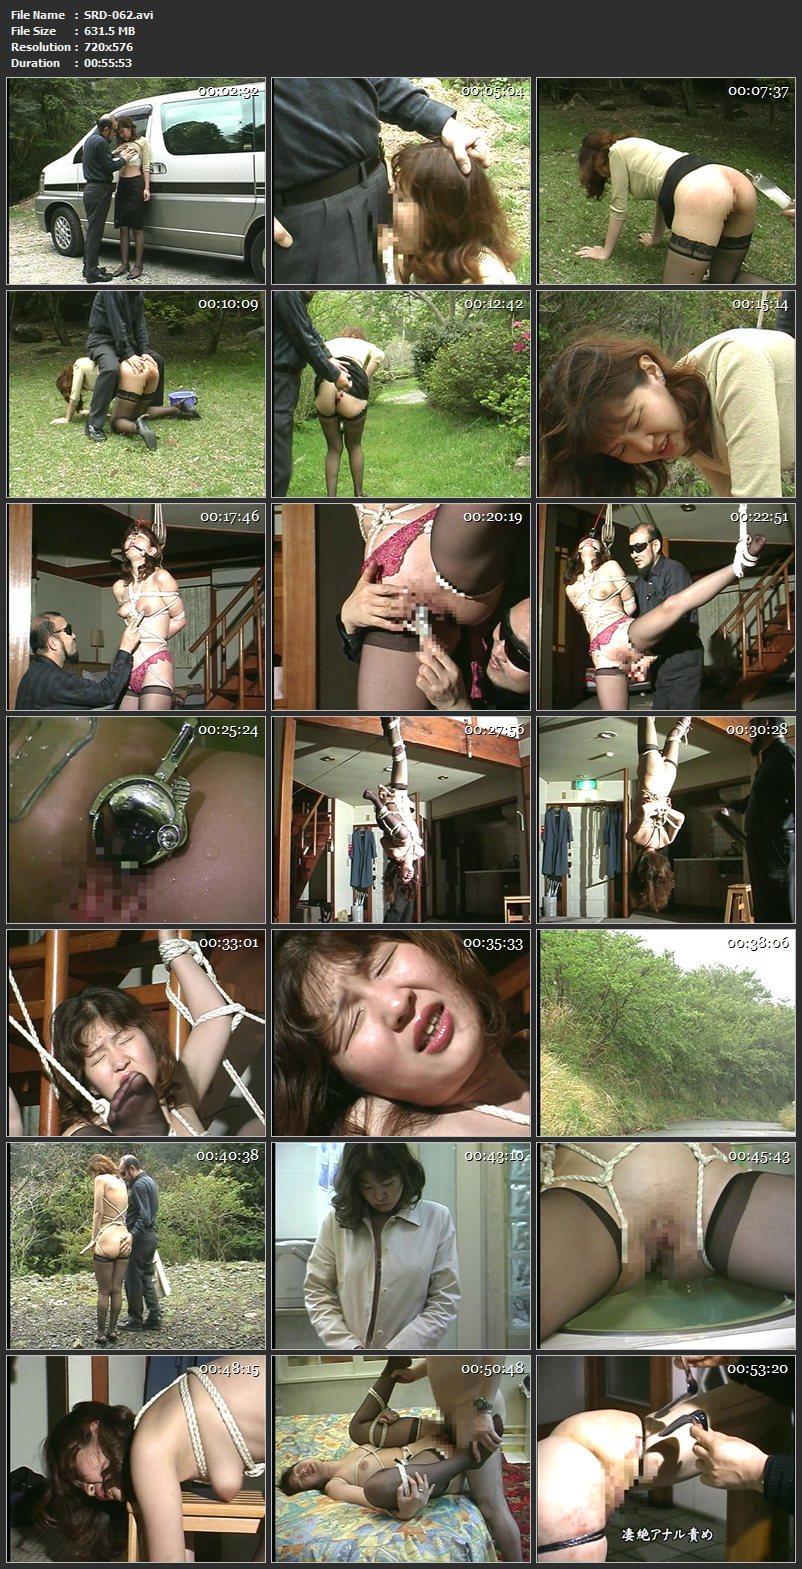 [SRD-062] Nishikawa Mizuho 人妻弄淫(ひとづまろういん)  その他人妻・熟女 人妻・熟女